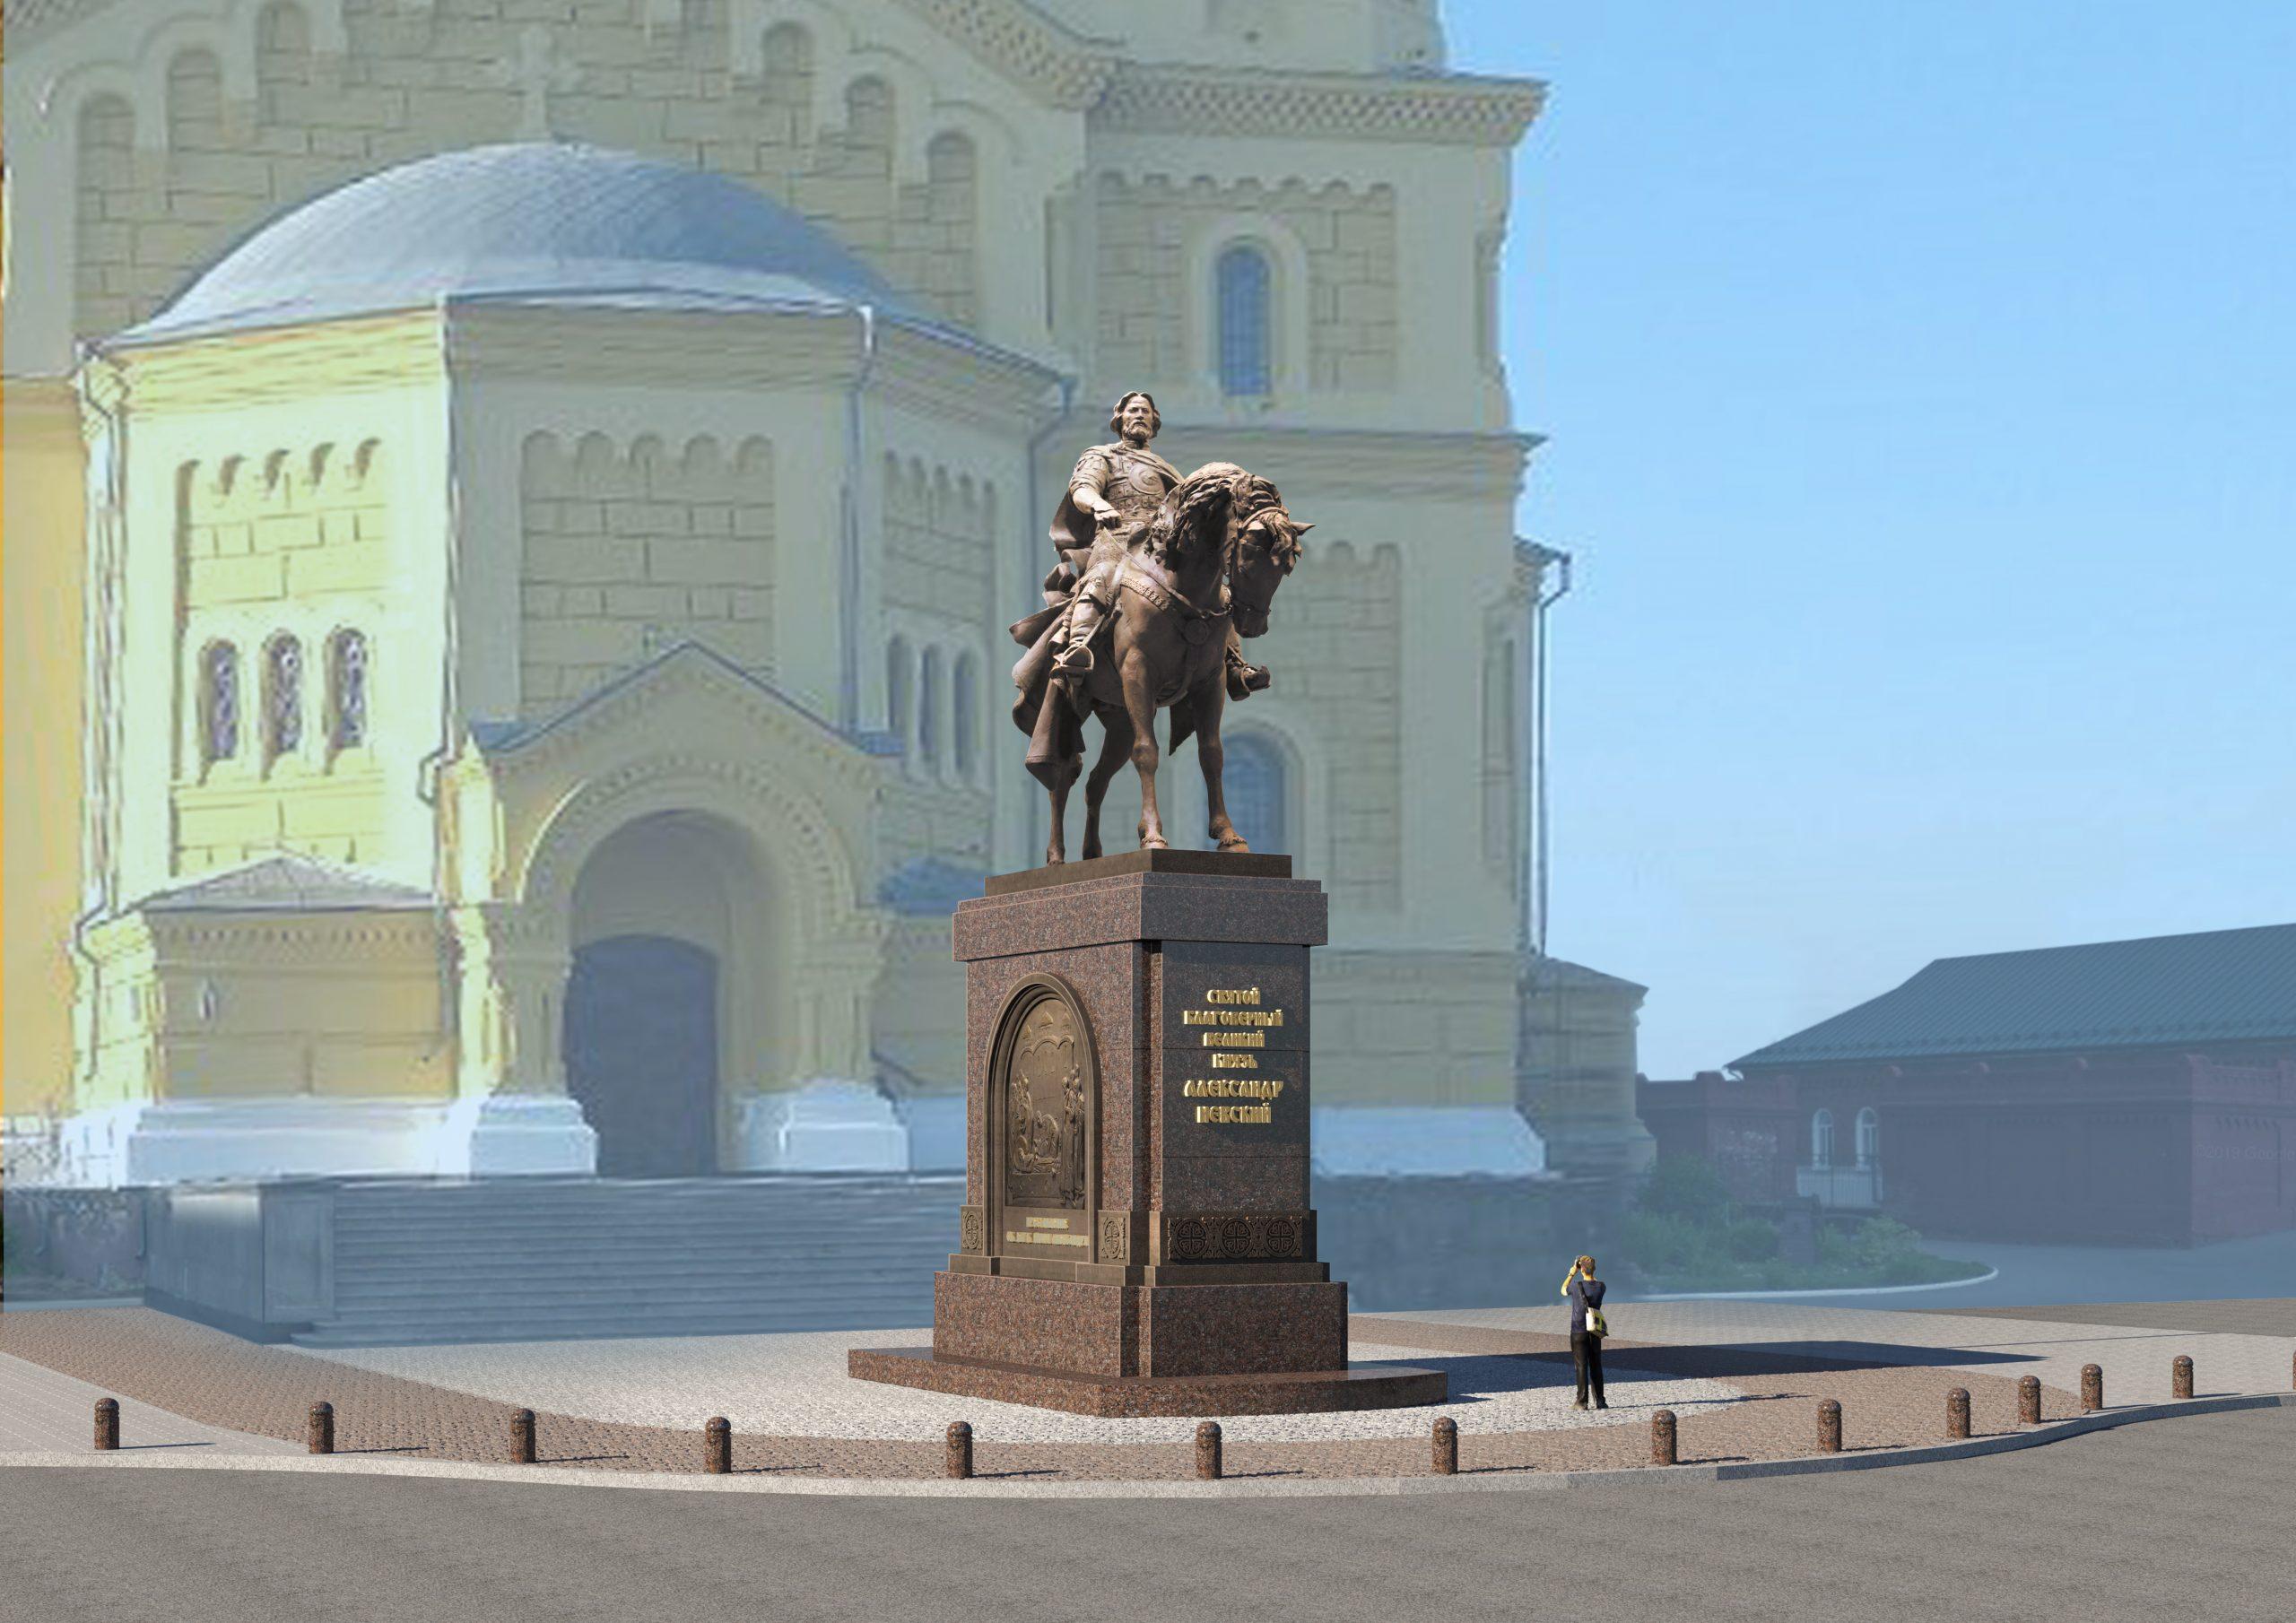 Нижегородцы могут внести свой вклад в изготовление памятника Александру Невскому в Нижнем Новгороде